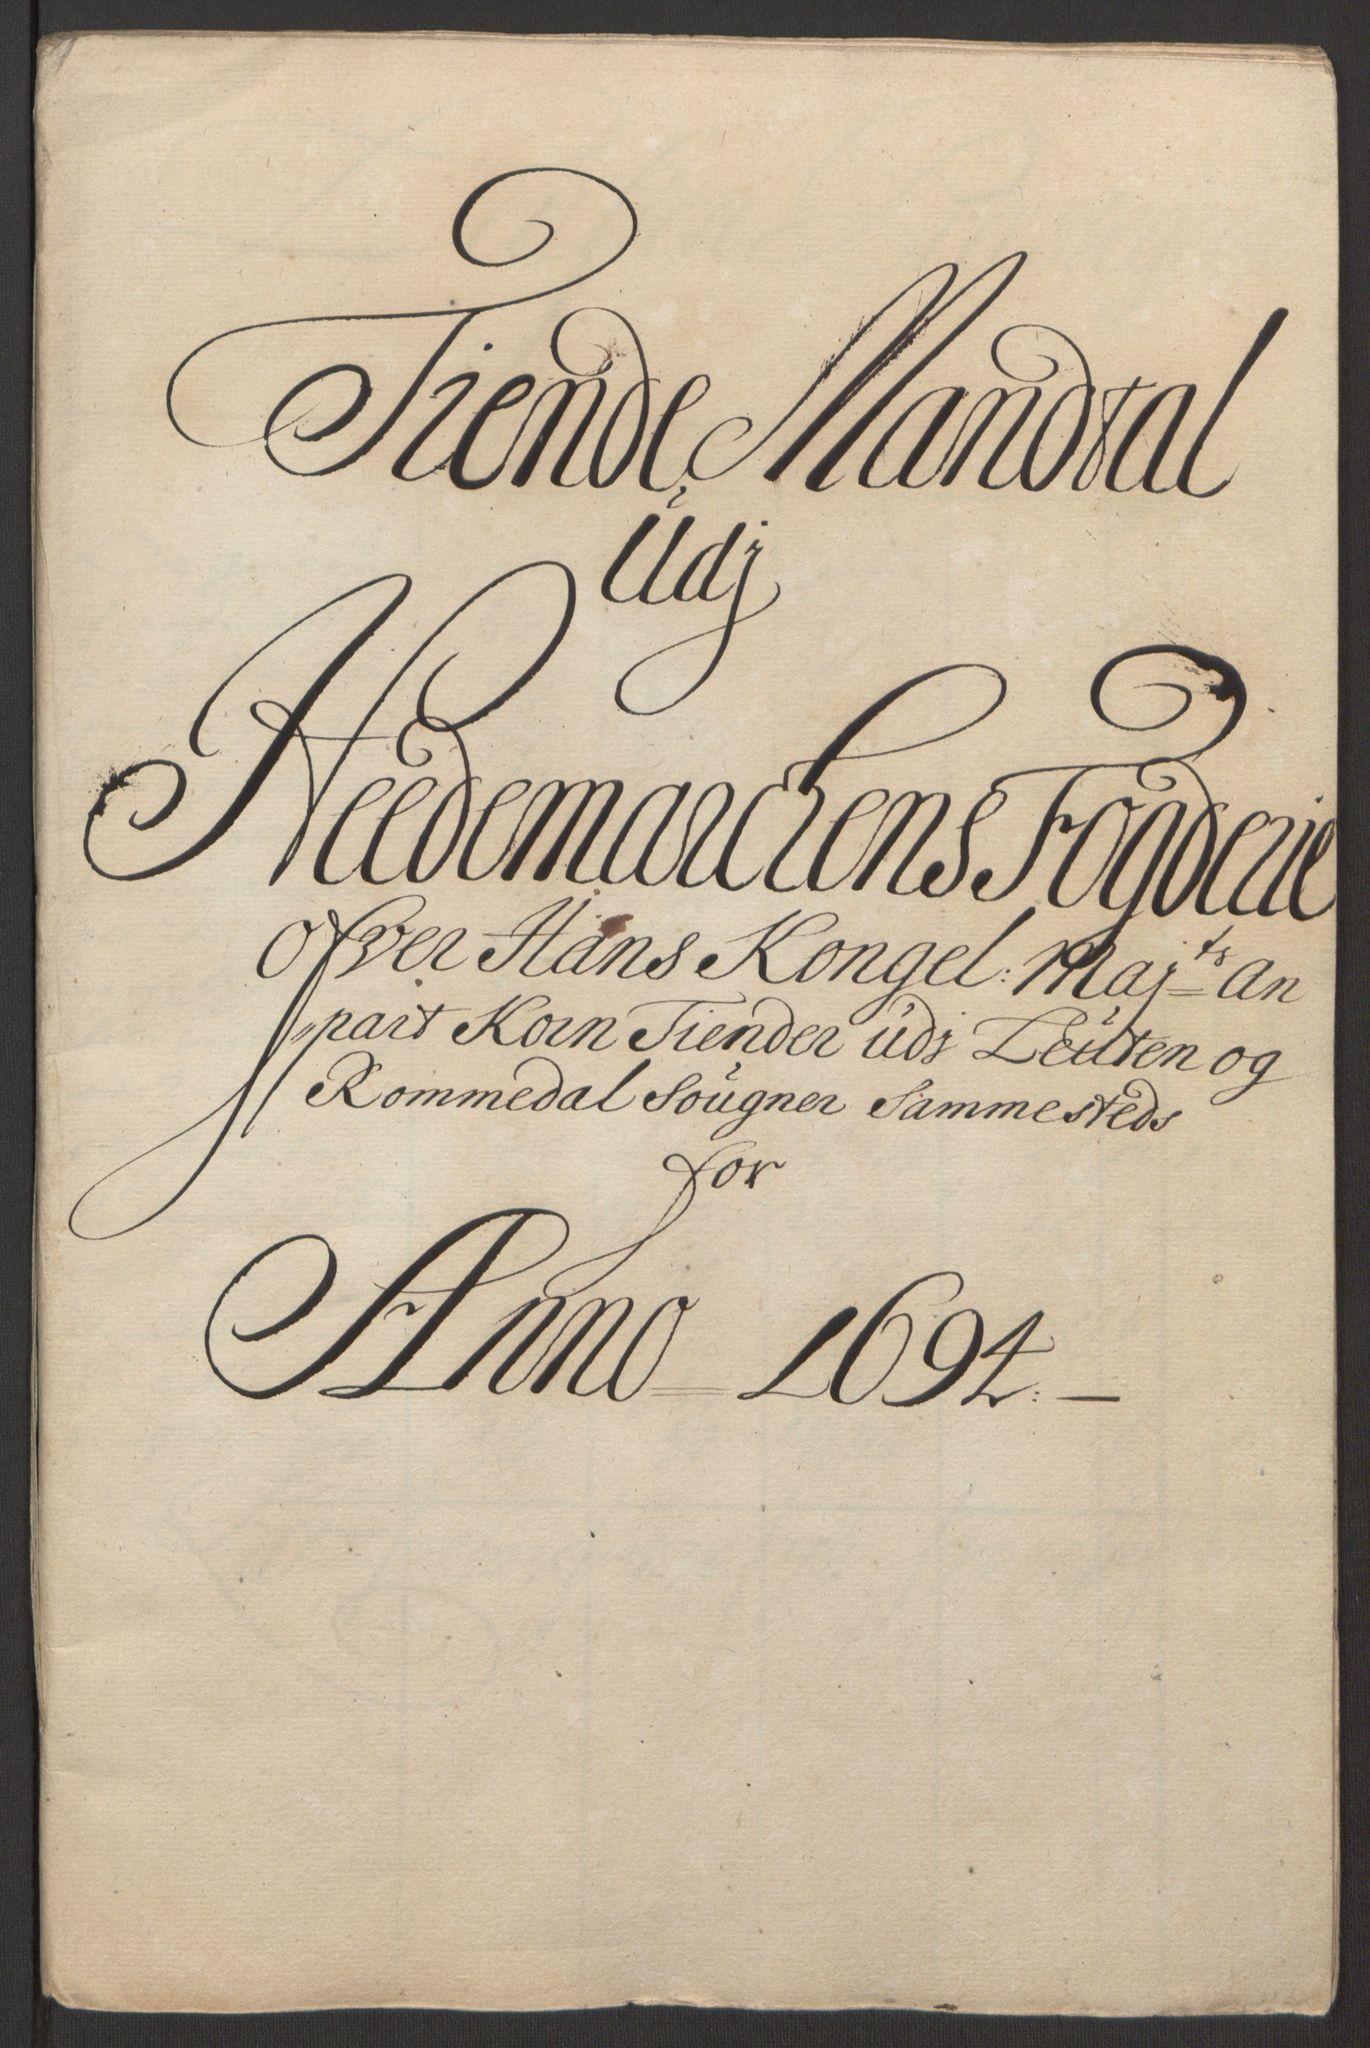 RA, Rentekammeret inntil 1814, Reviderte regnskaper, Fogderegnskap, R16/L1035: Fogderegnskap Hedmark, 1694, s. 48